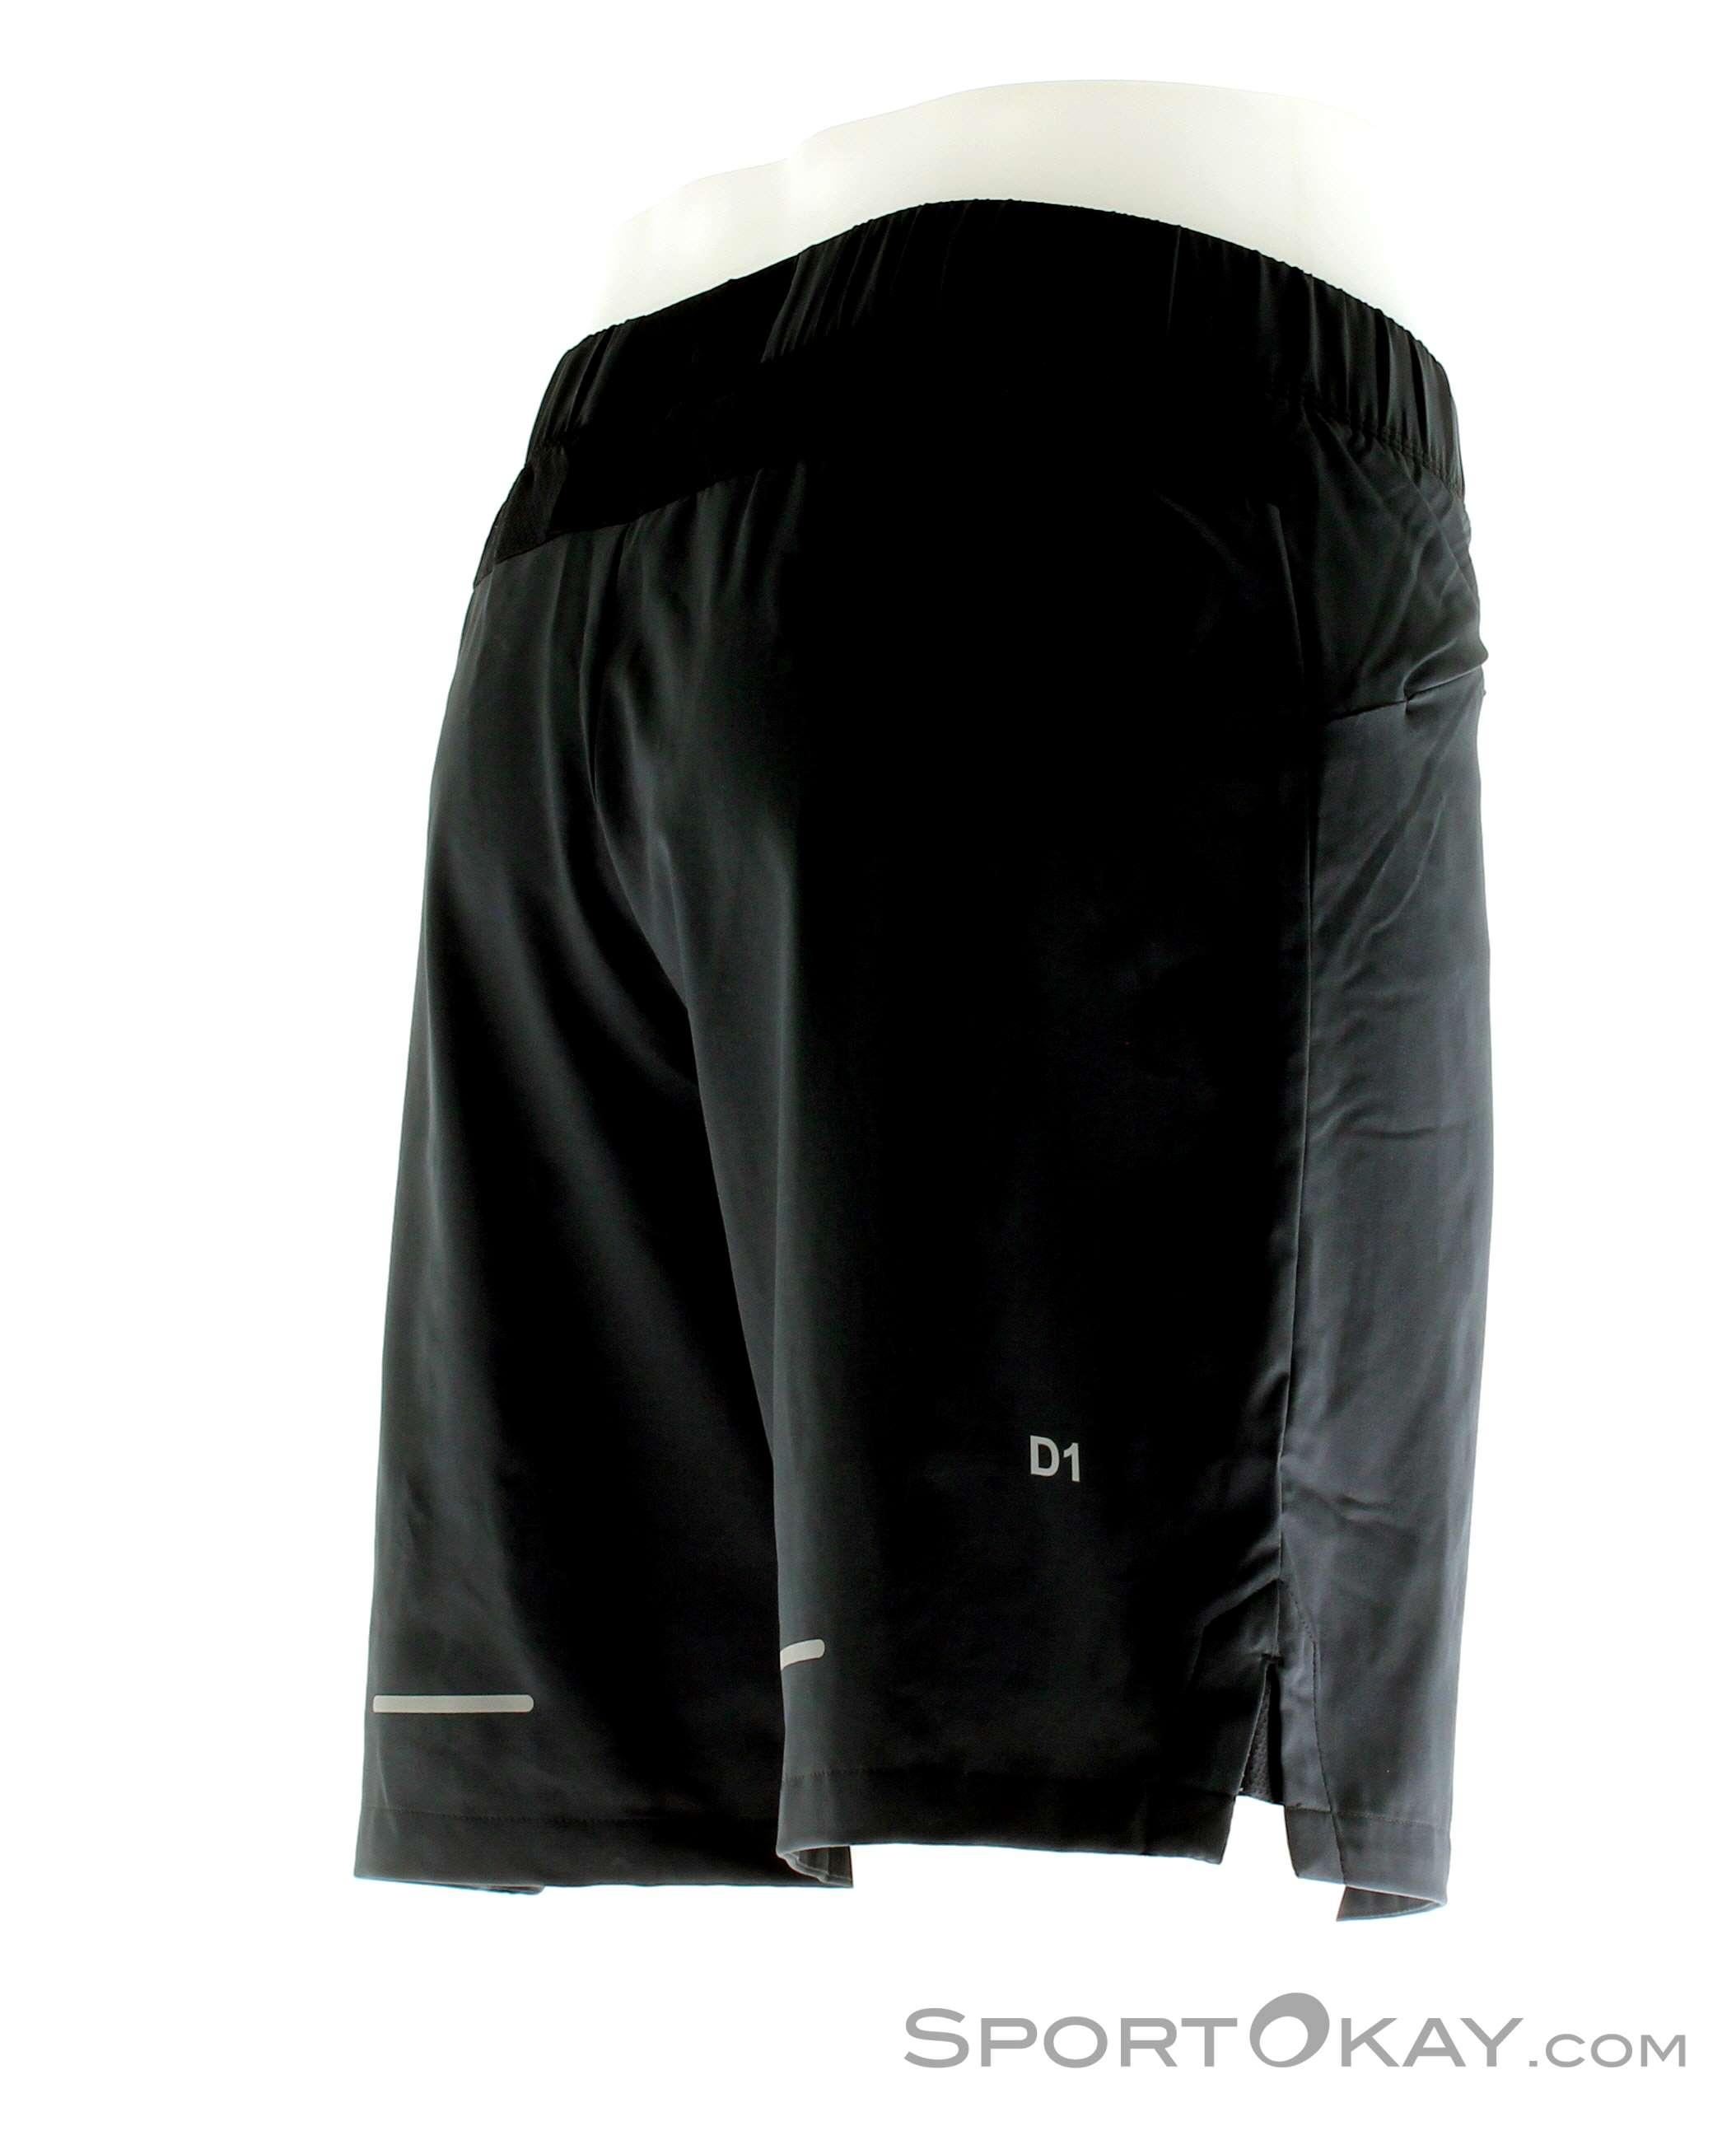 bc728bdf Asics Asics 2-N-1 7 in Short Mens Running Pants